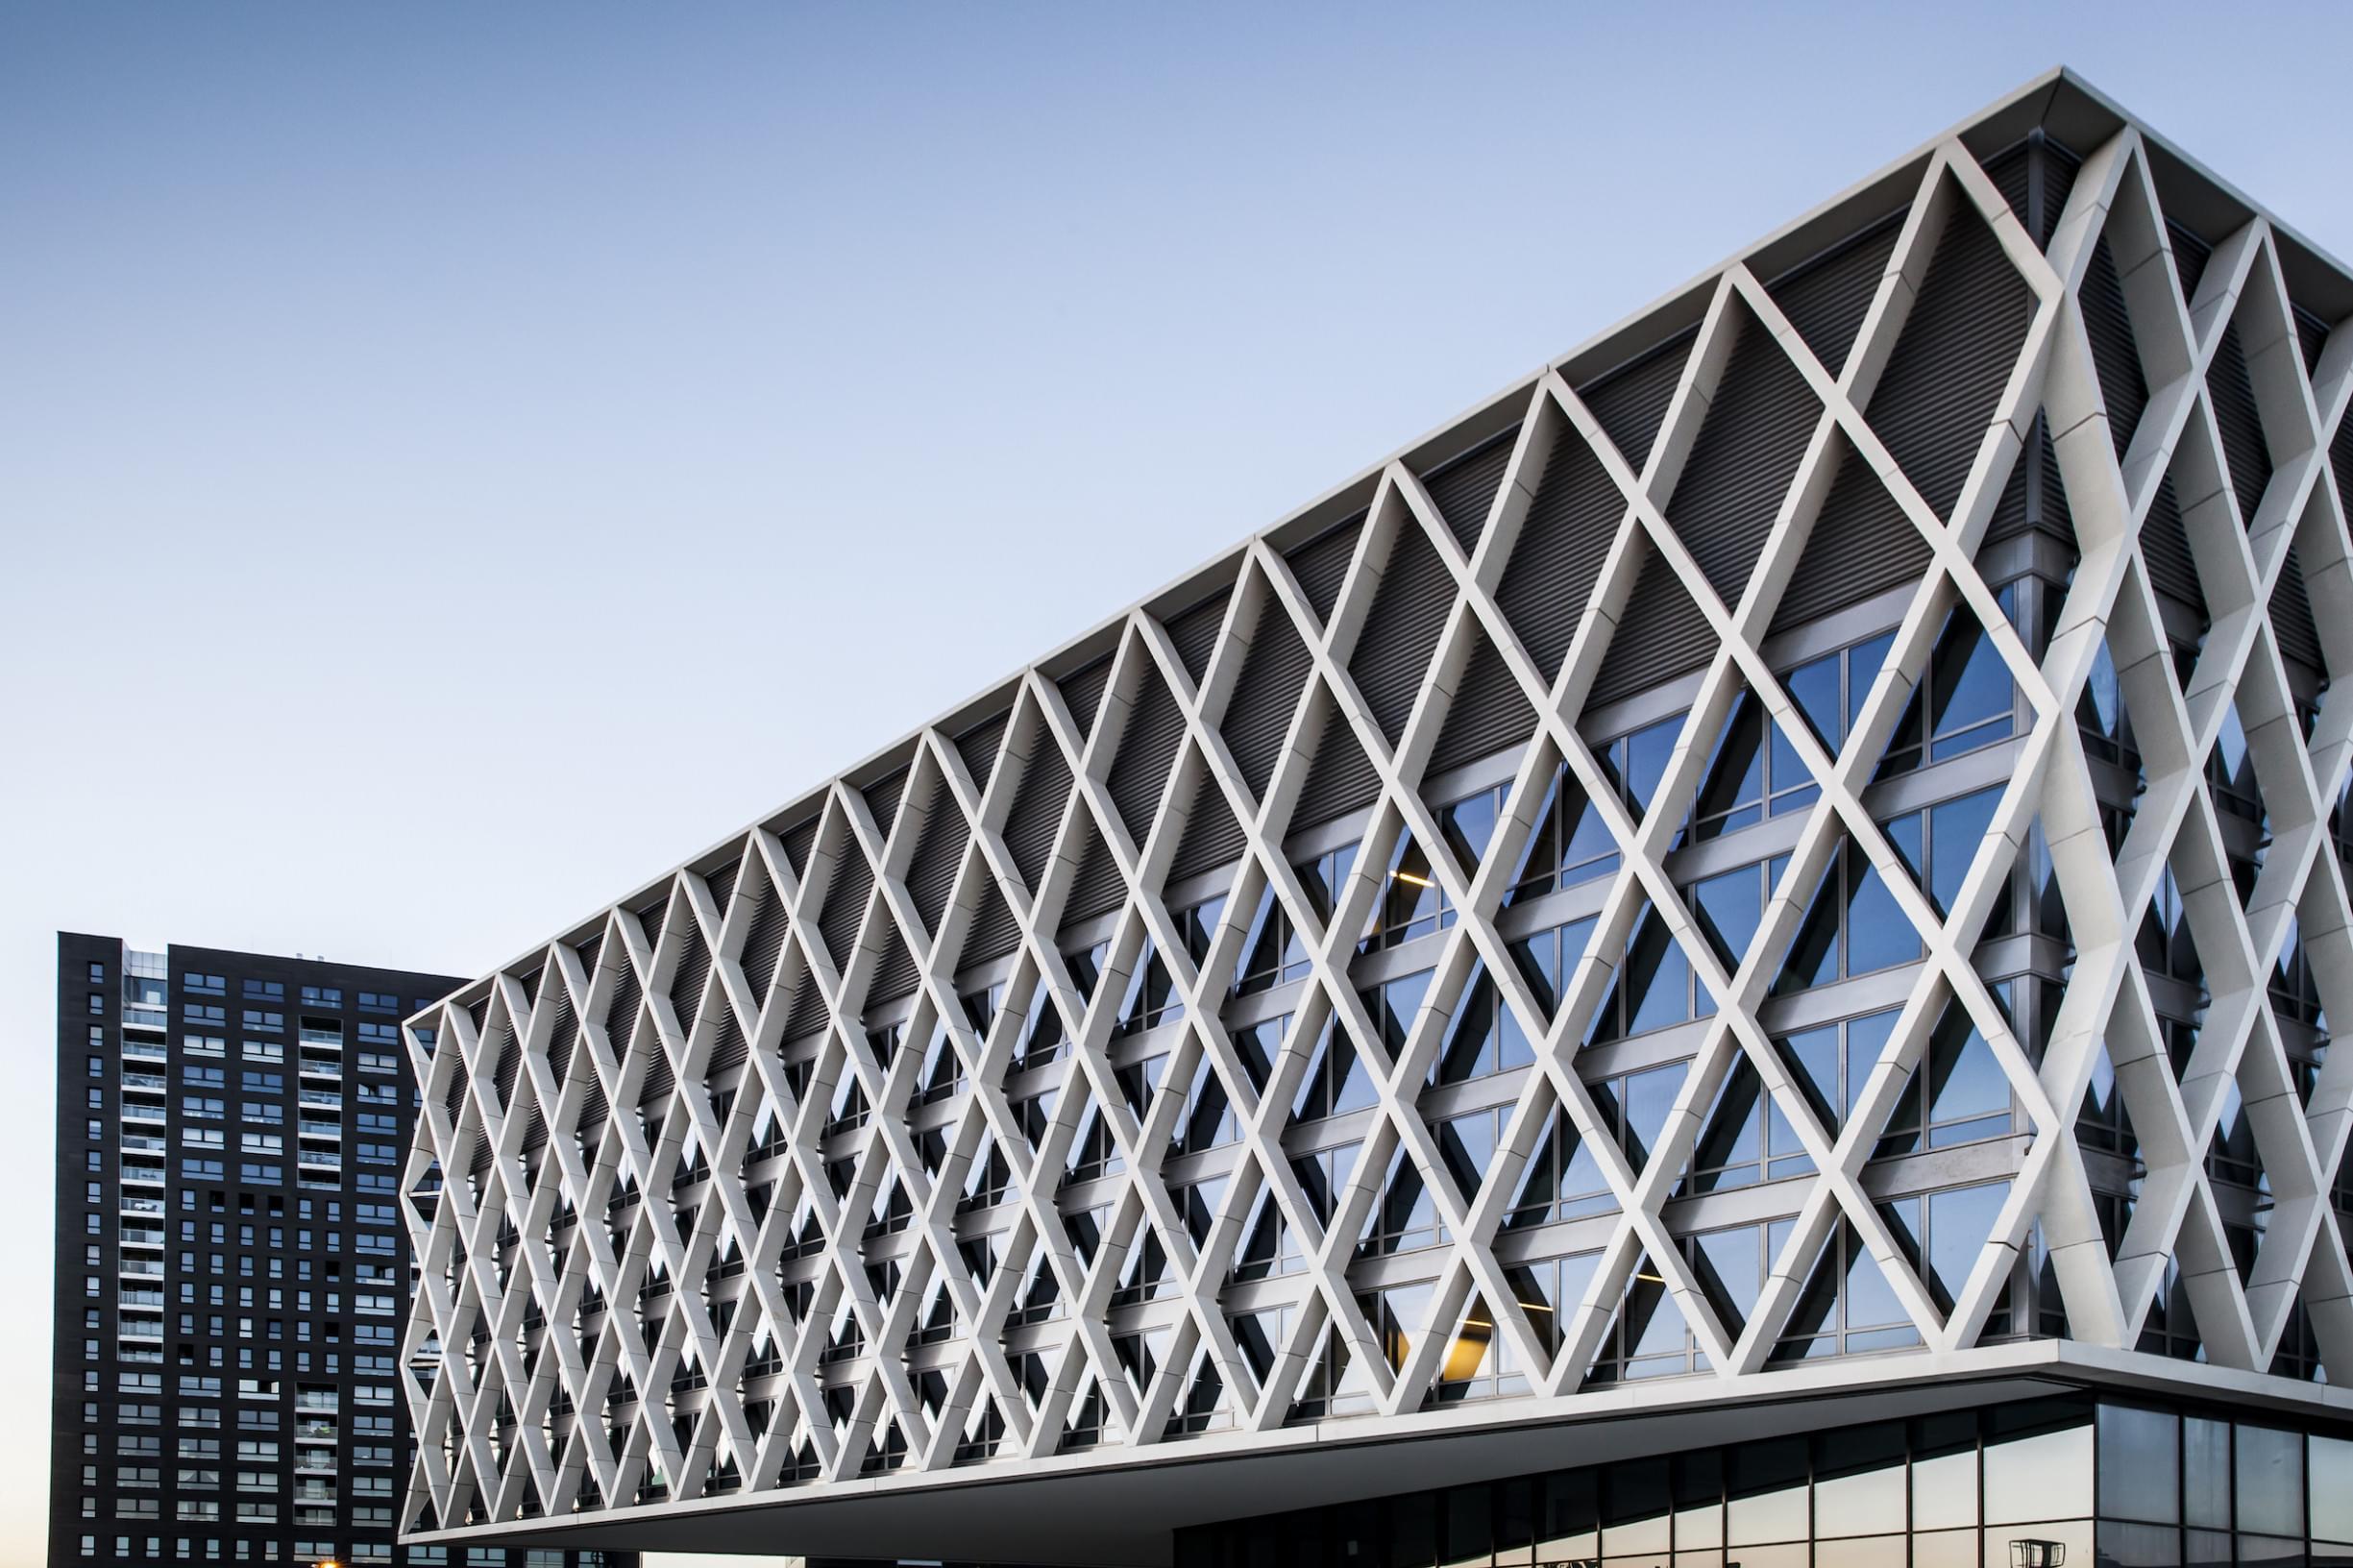 Éléments en X - Artesis Plantijn Institut supérieur Anvers - Verheyen Betonproducten